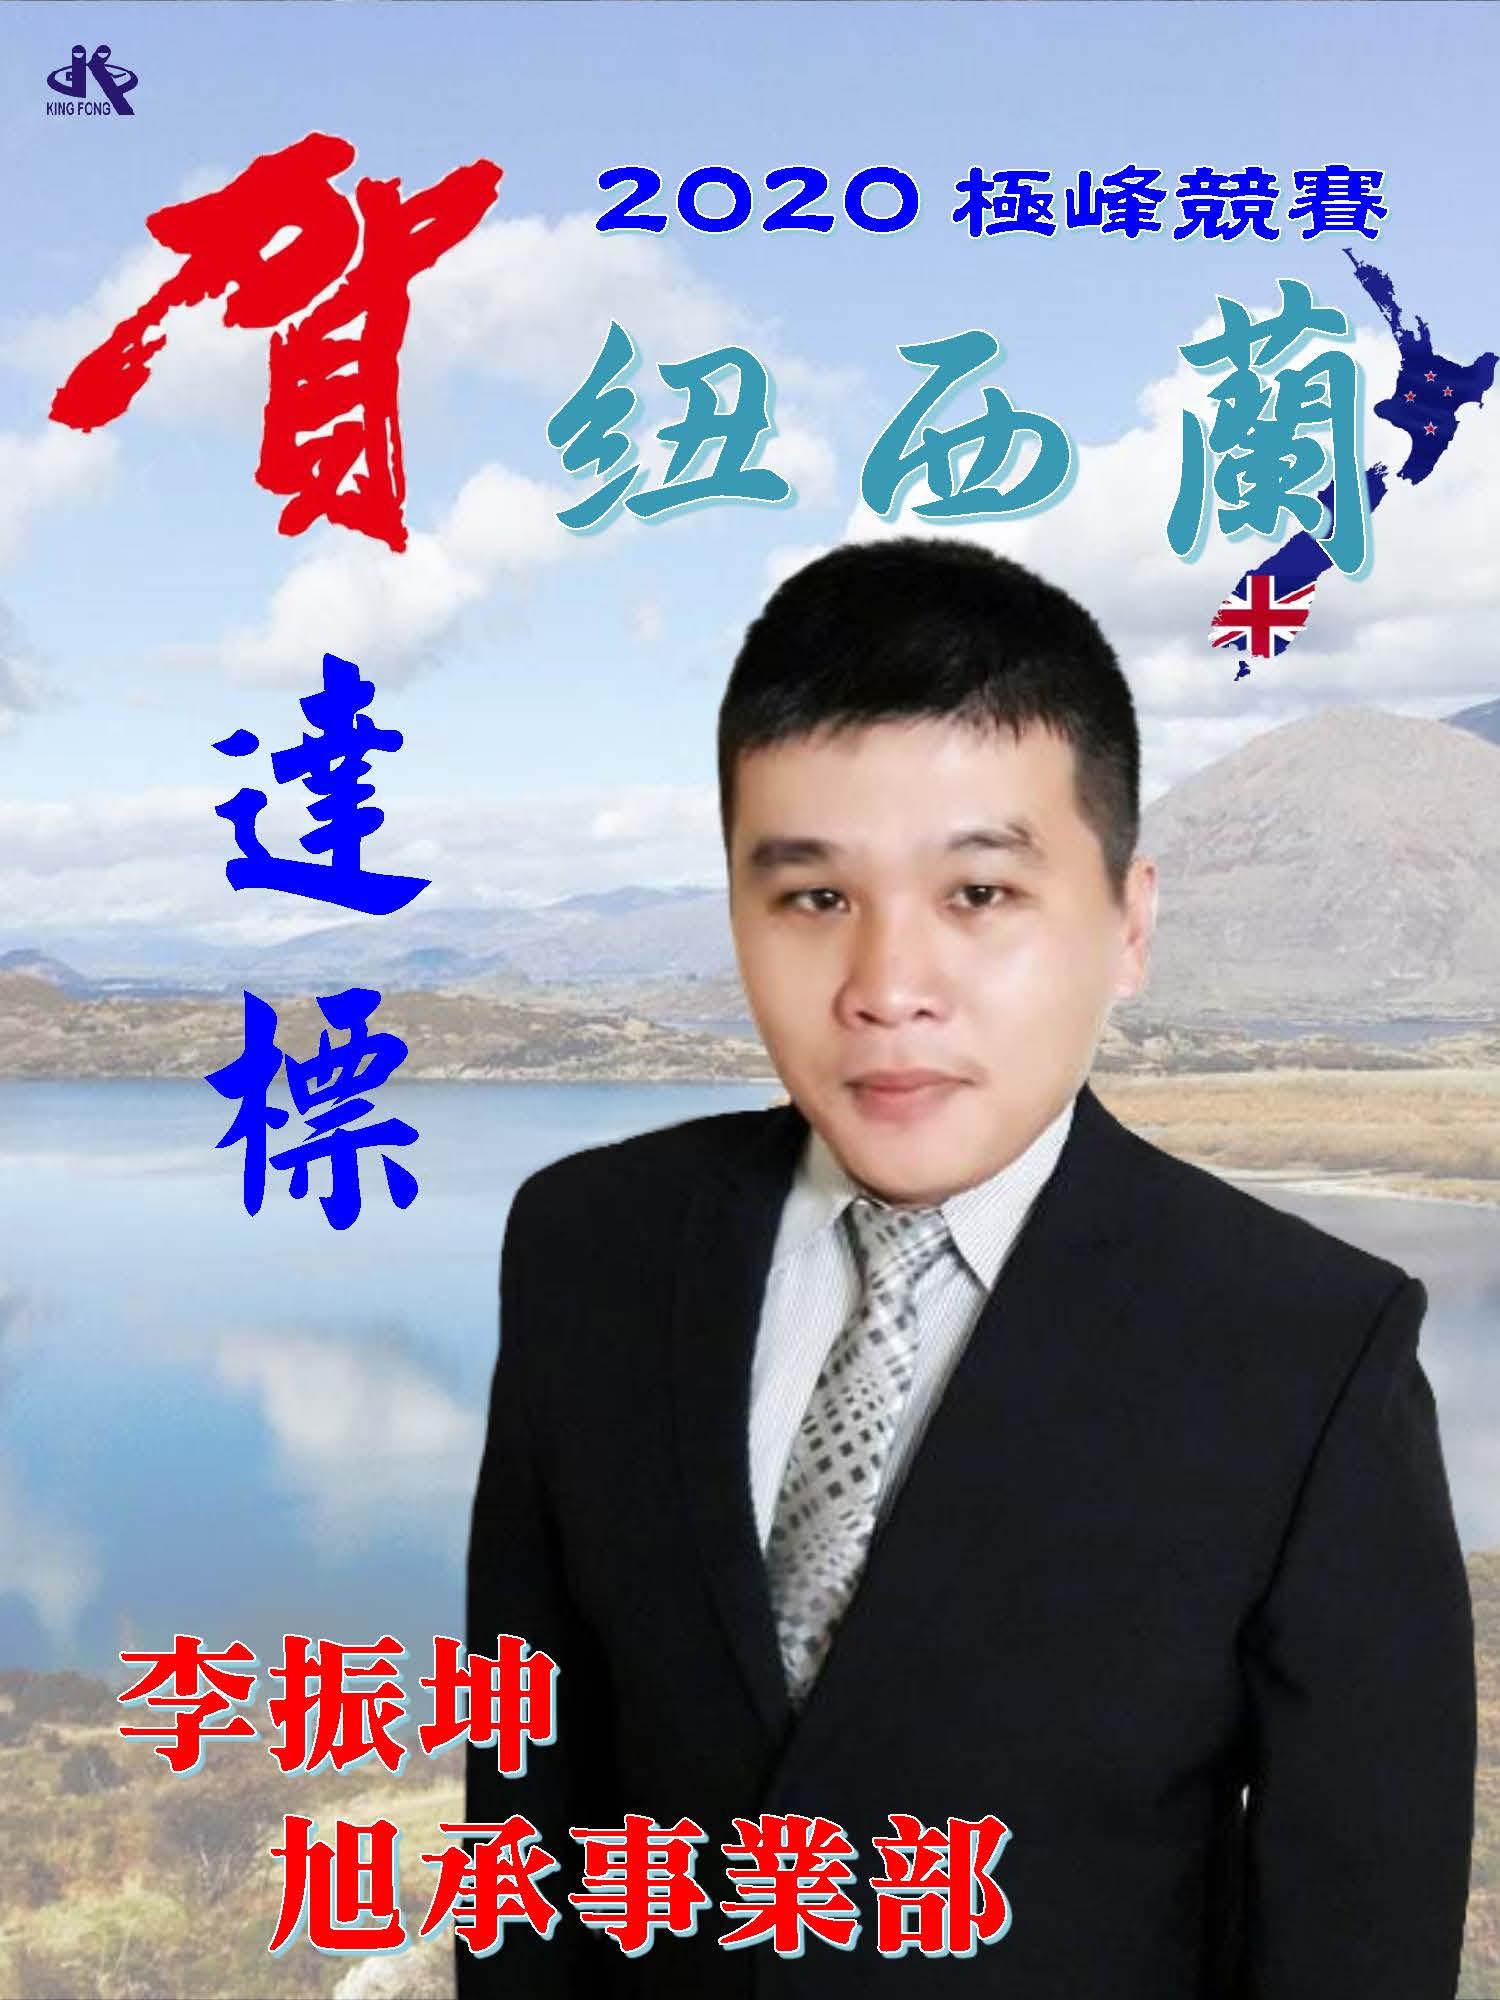 20200707-2020年極峰競賽紐西蘭英雄榜-李振坤